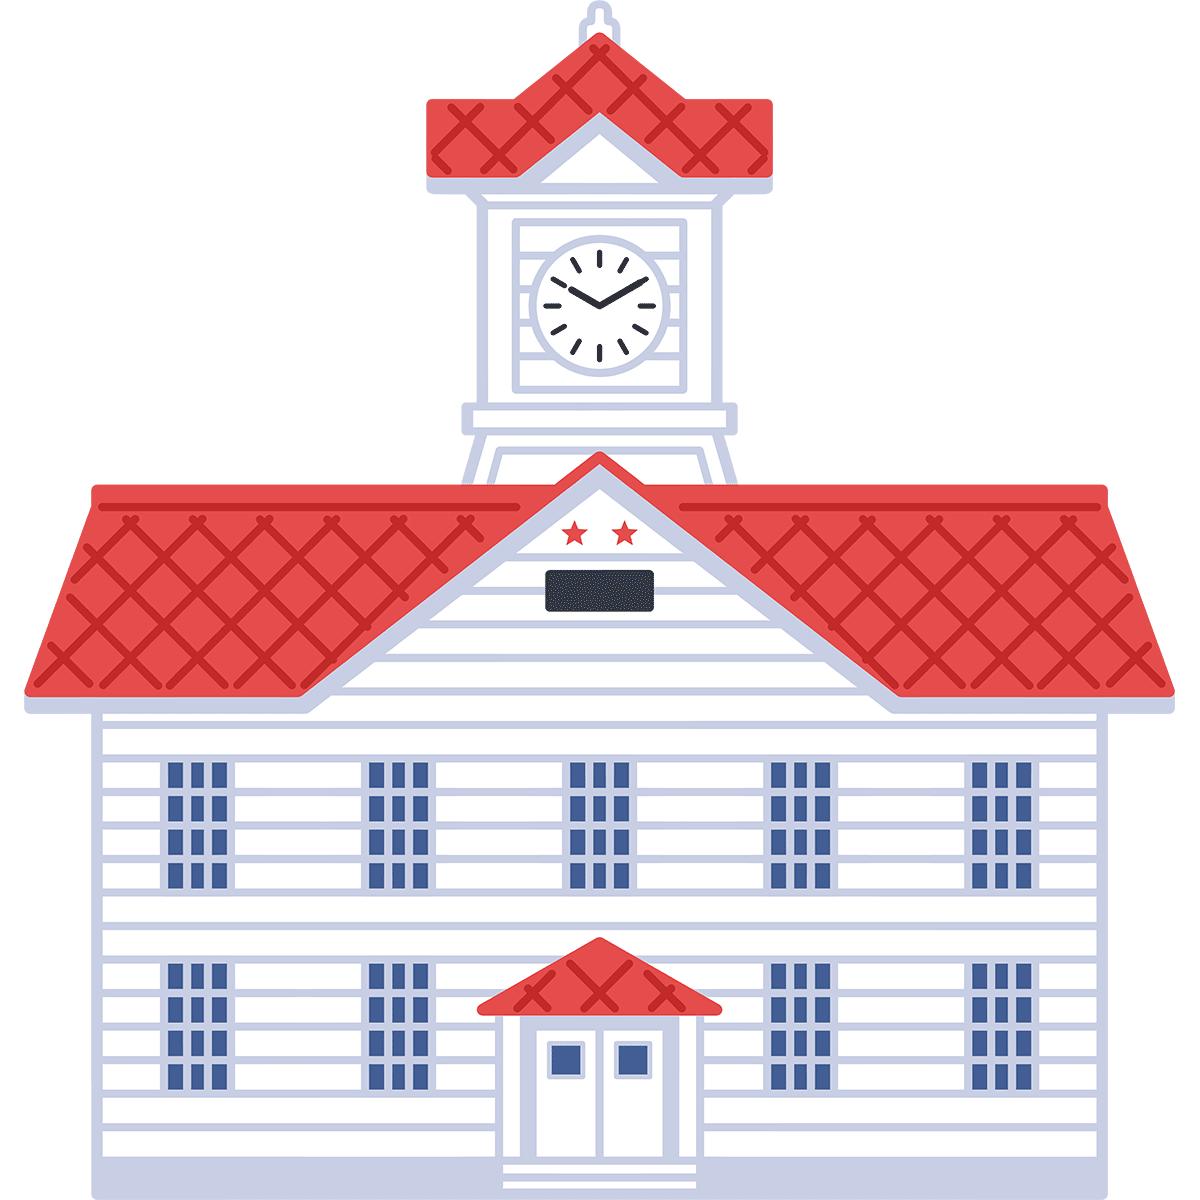 札幌市時計台の無料イラスト